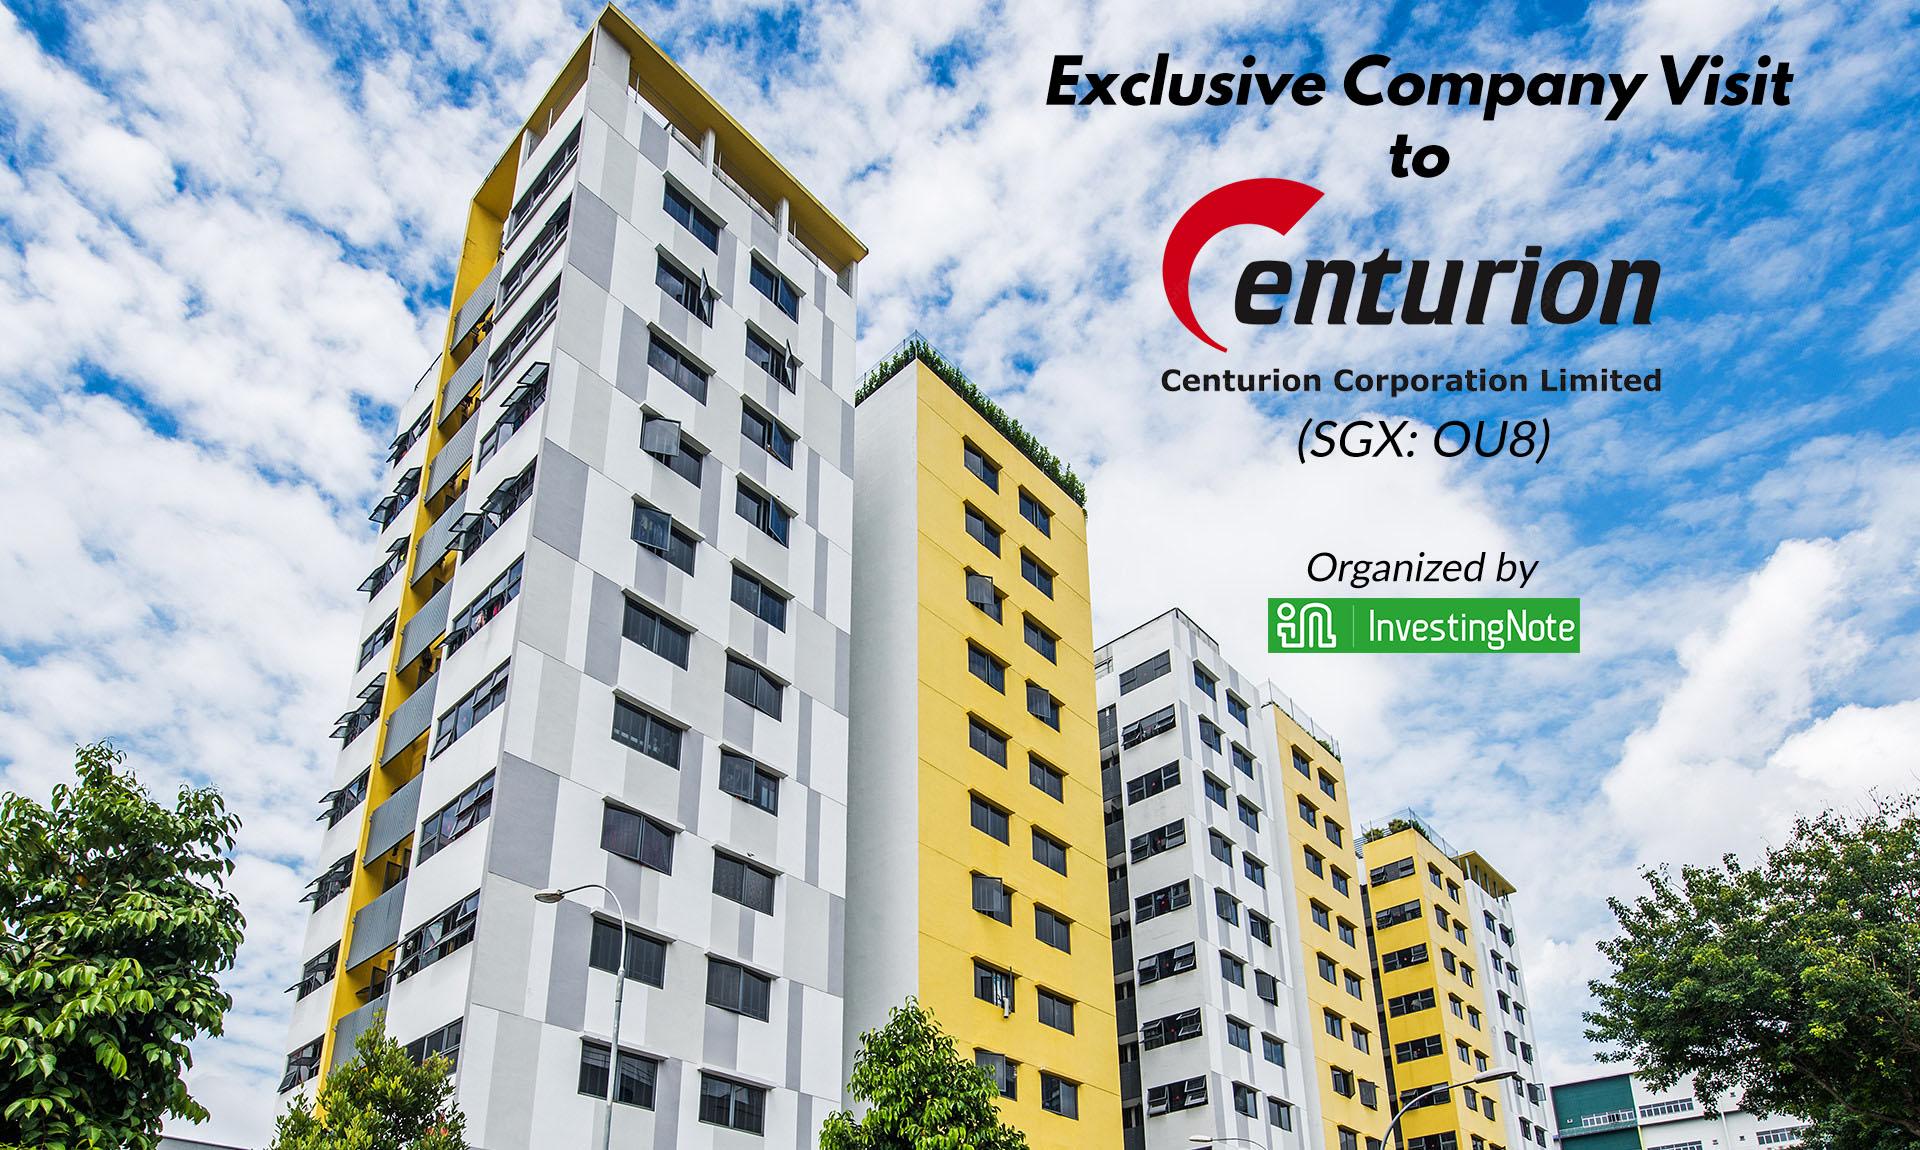 centurion-copy